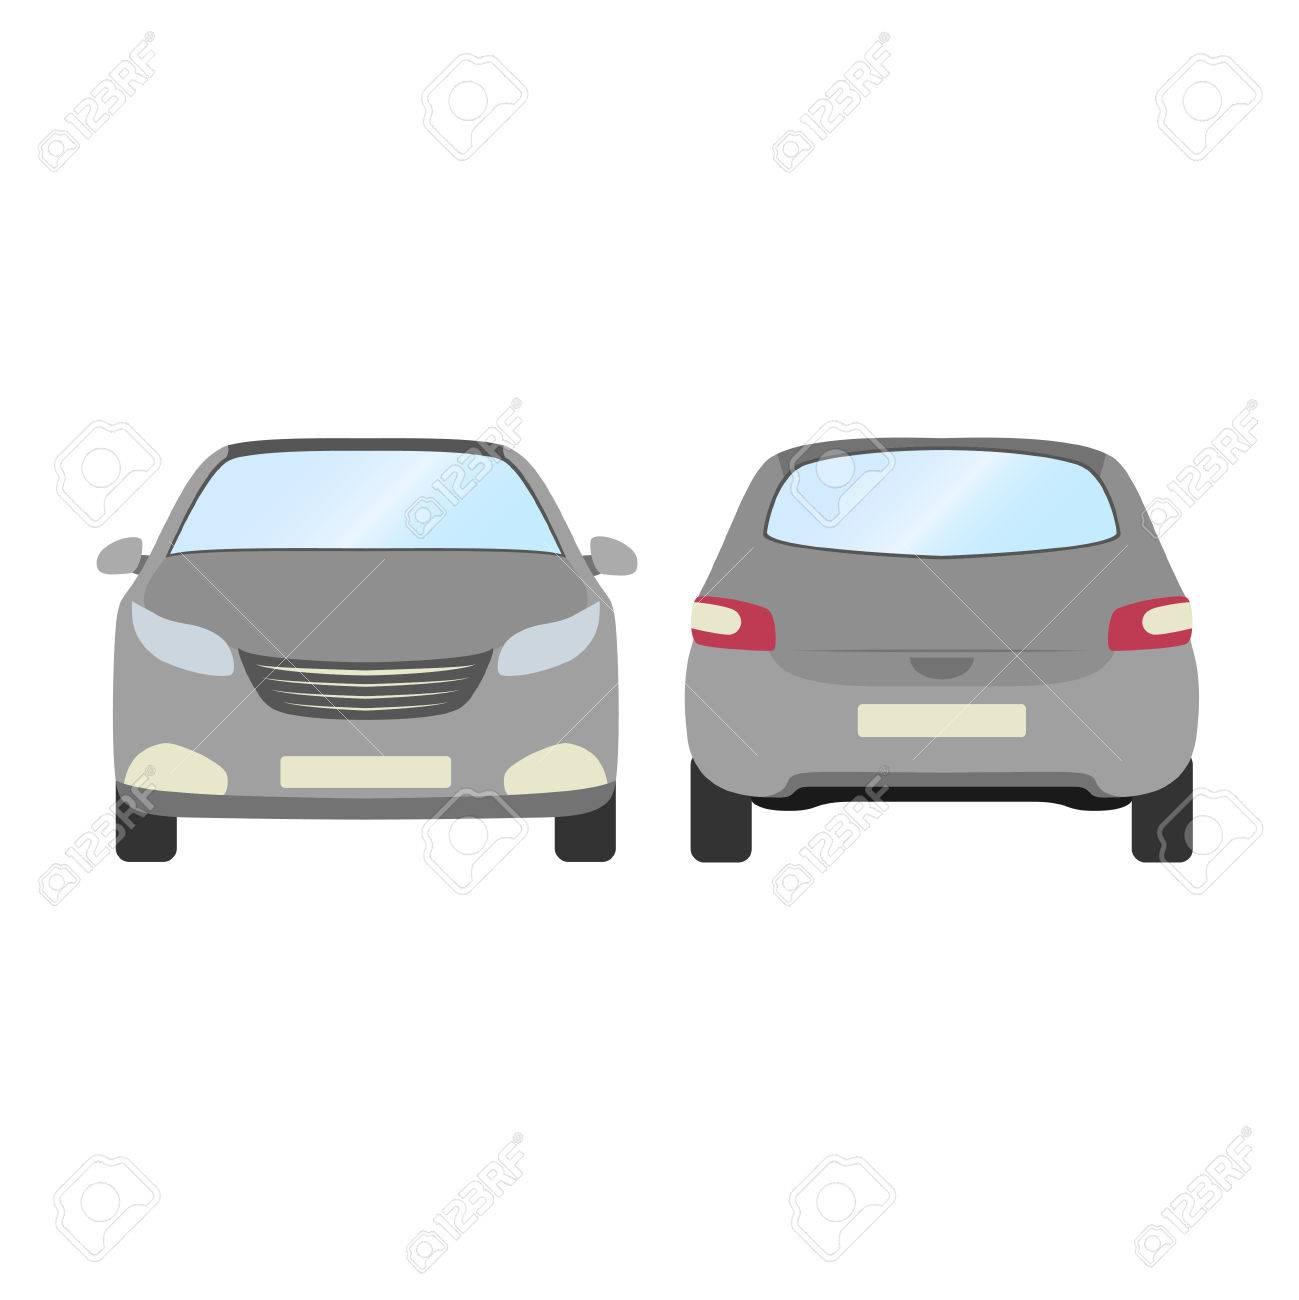 Niedlich Vektor Fahrzeug Vorlagen Ideen - Beispiel Wiederaufnahme ...